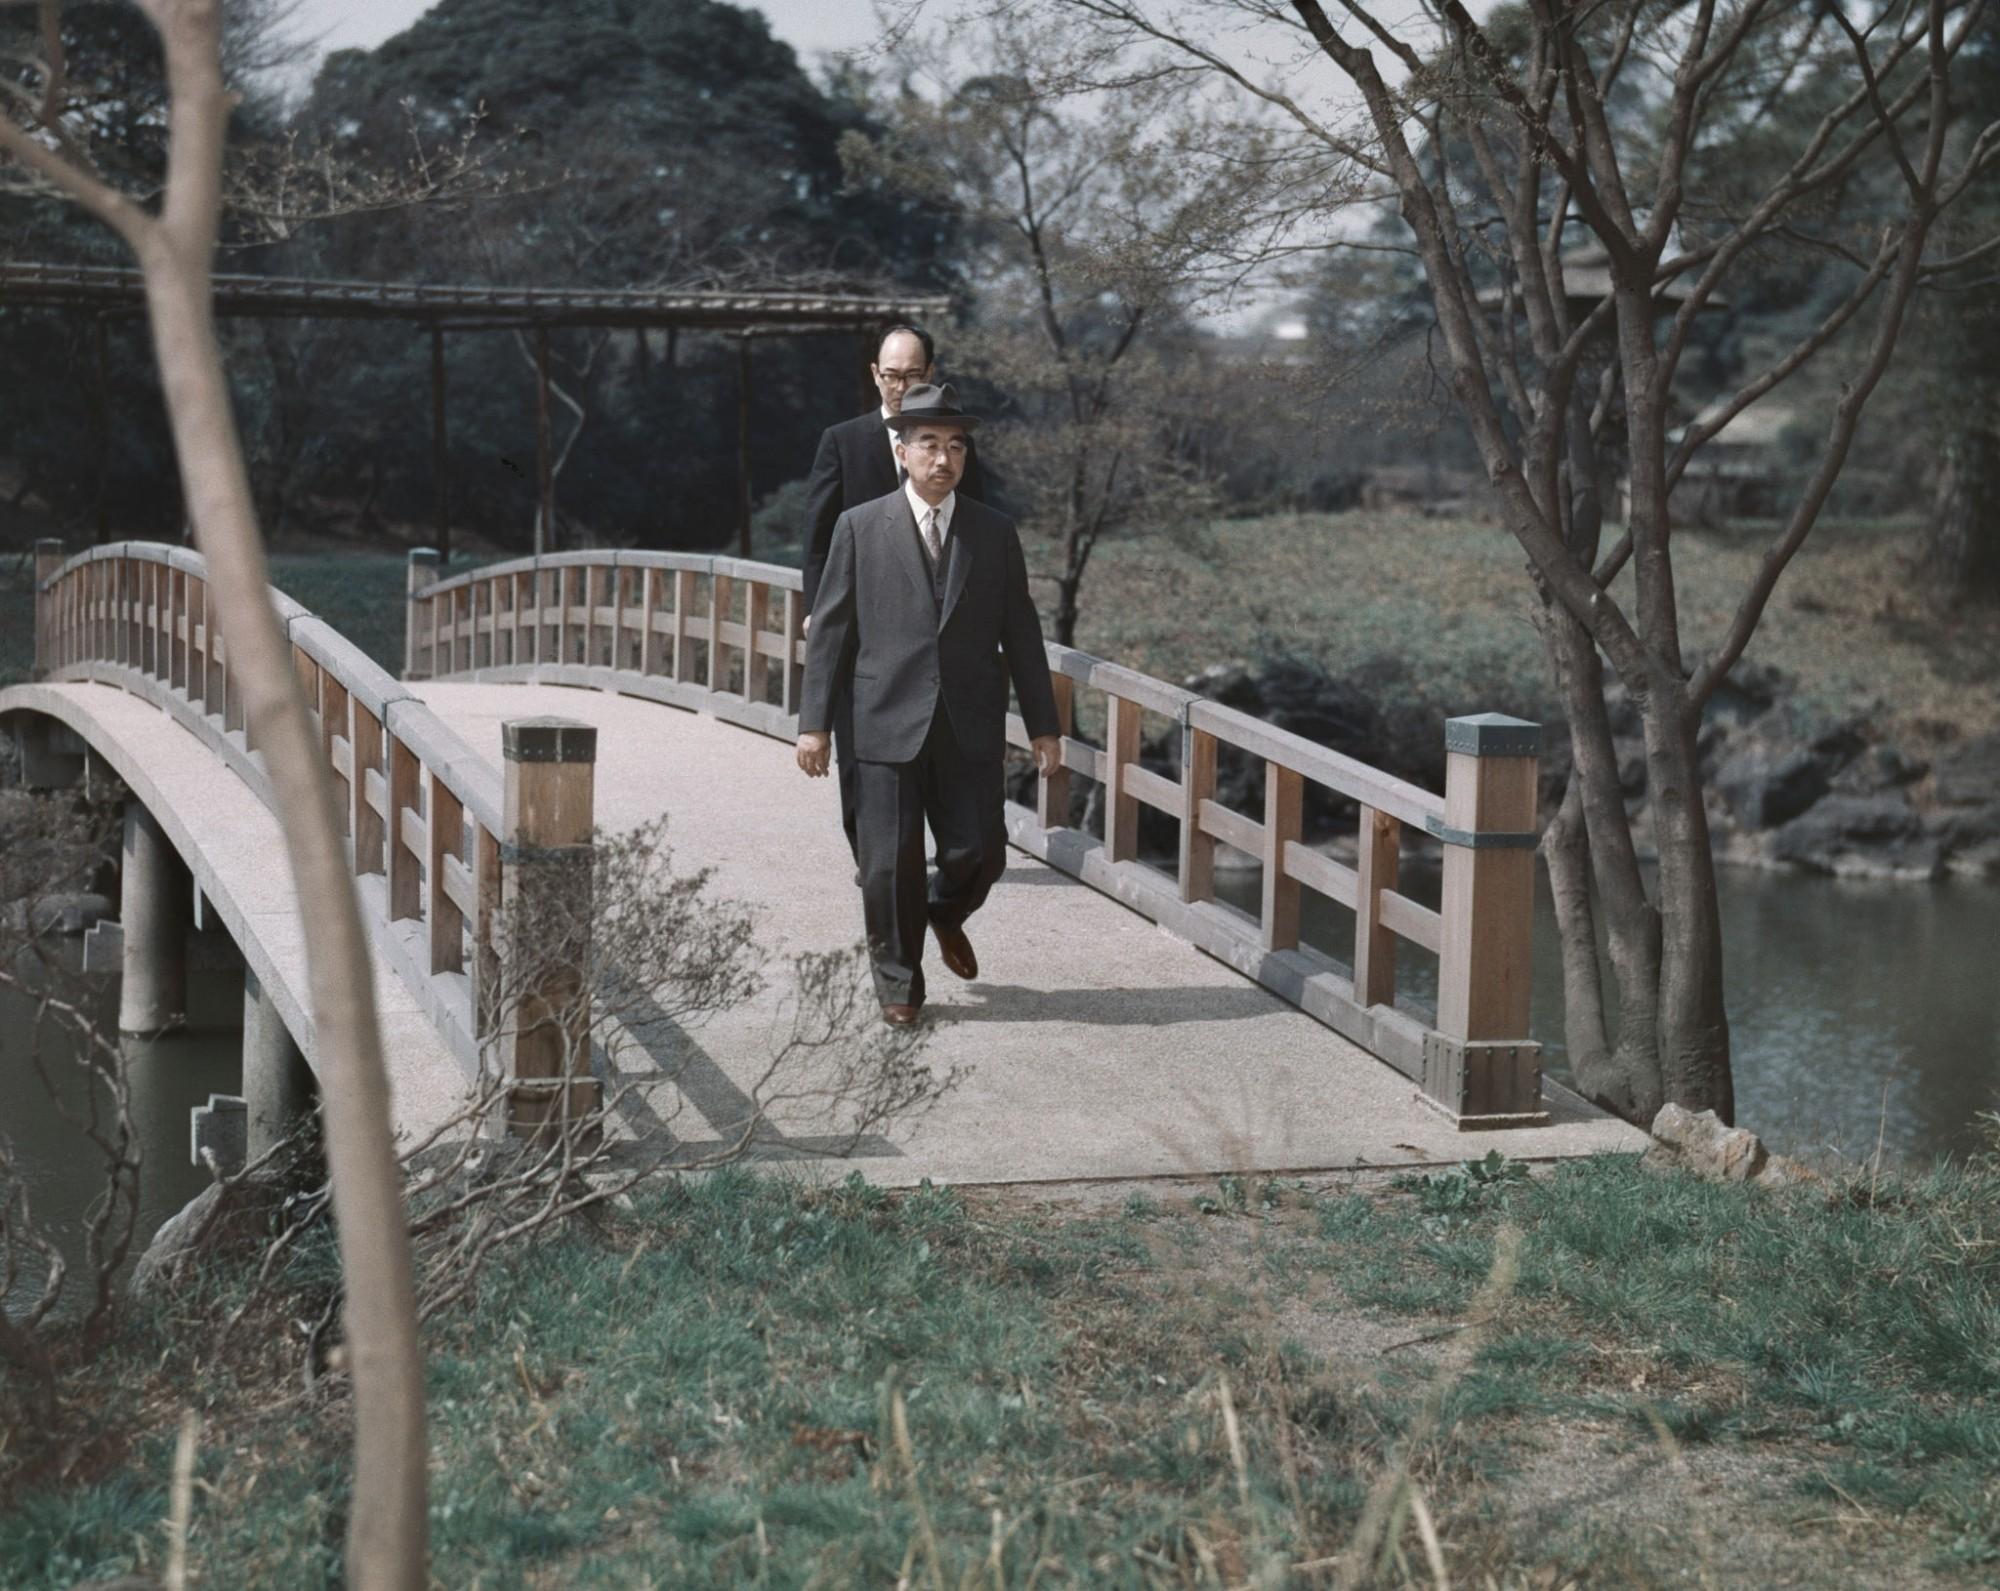 Император на прогулке, 1965 год